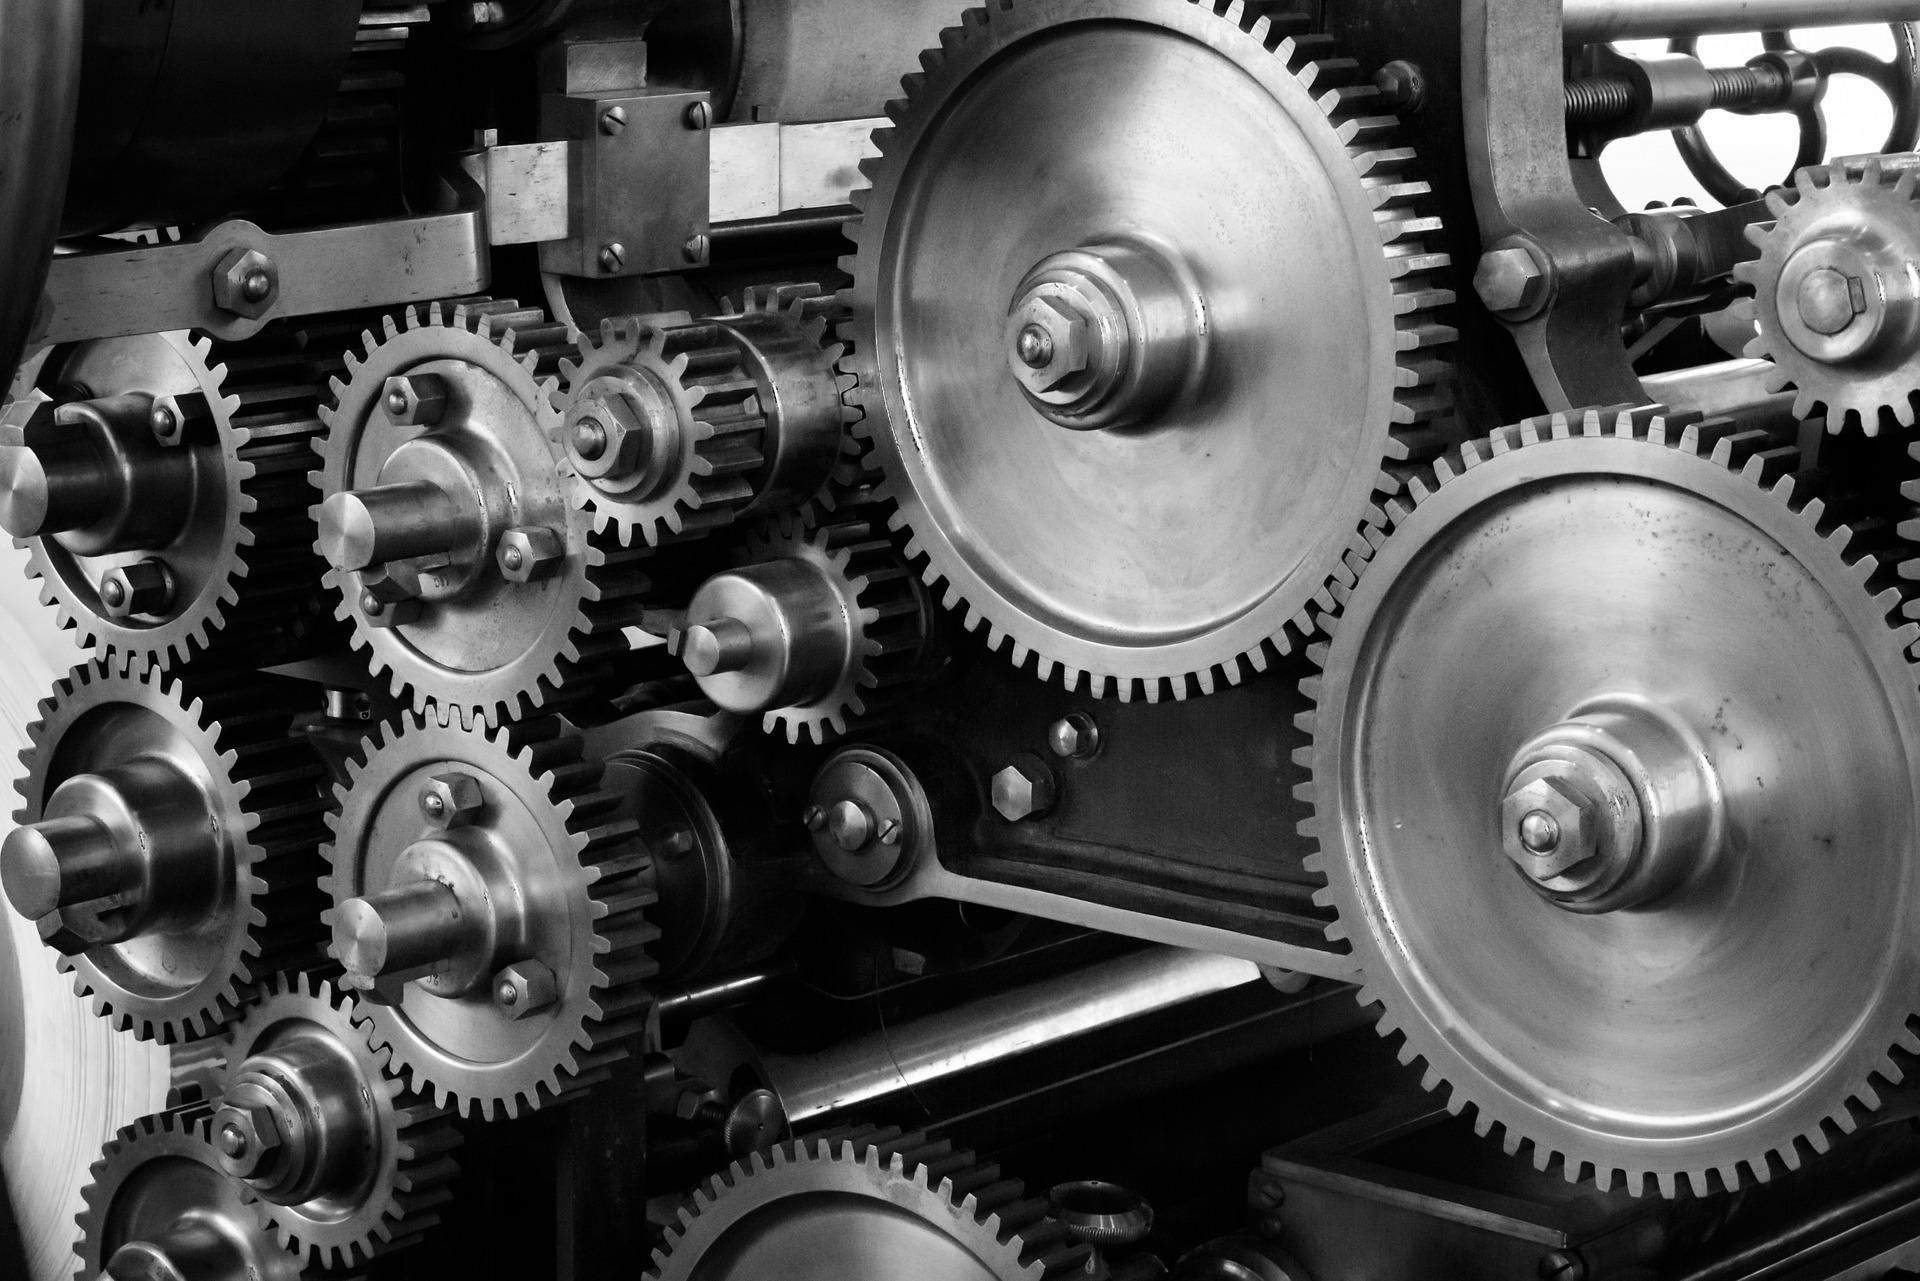 麥肯錫:AI威力如工業革命的蒸汽機,將創造13兆美元產值